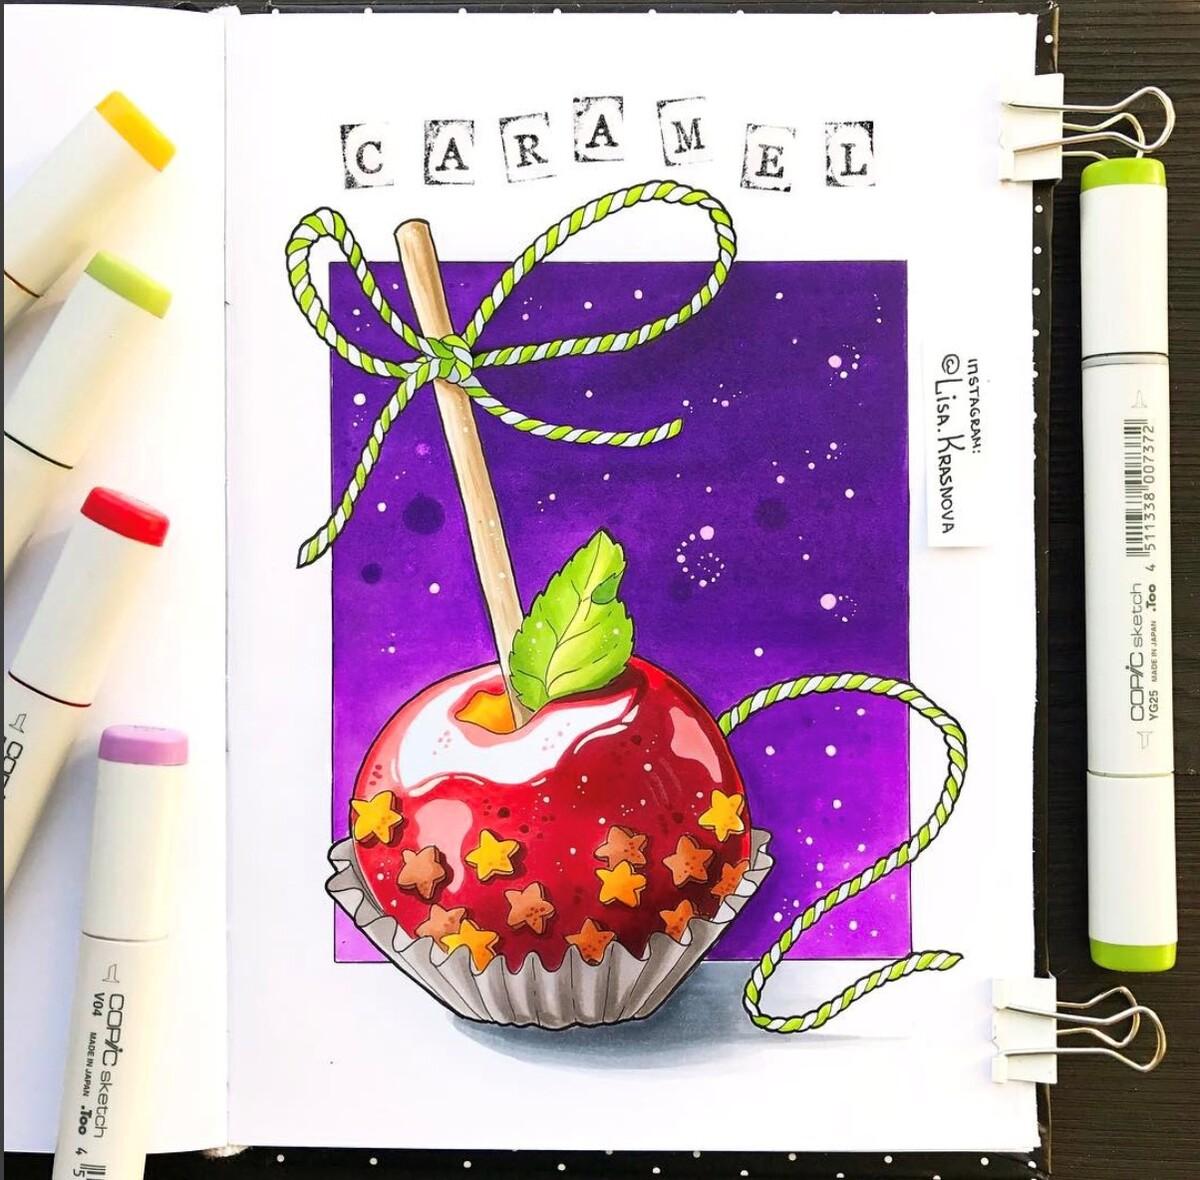 <p> Яблоко в карамели от&nbsp;Лизы Красновой. Плавные переходы цвета и безупречная лепка формы бликами создают атмосферу сказочной сладости.</p>